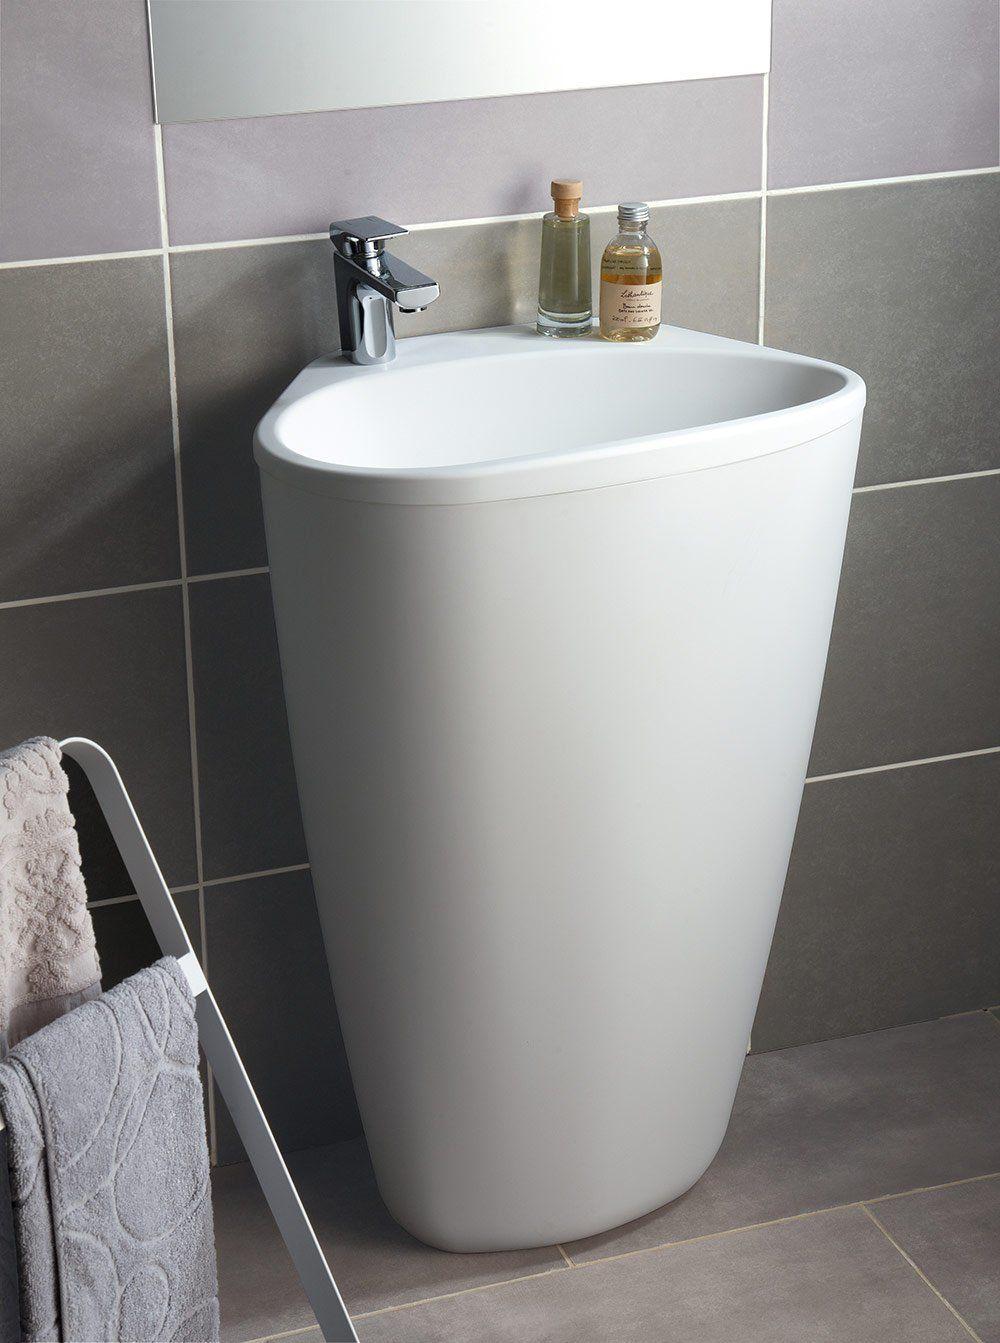 Un Lavabo Colonne Design Leroy Merlin Lavabo Colonne Lavabo Vasque Salle De Bain